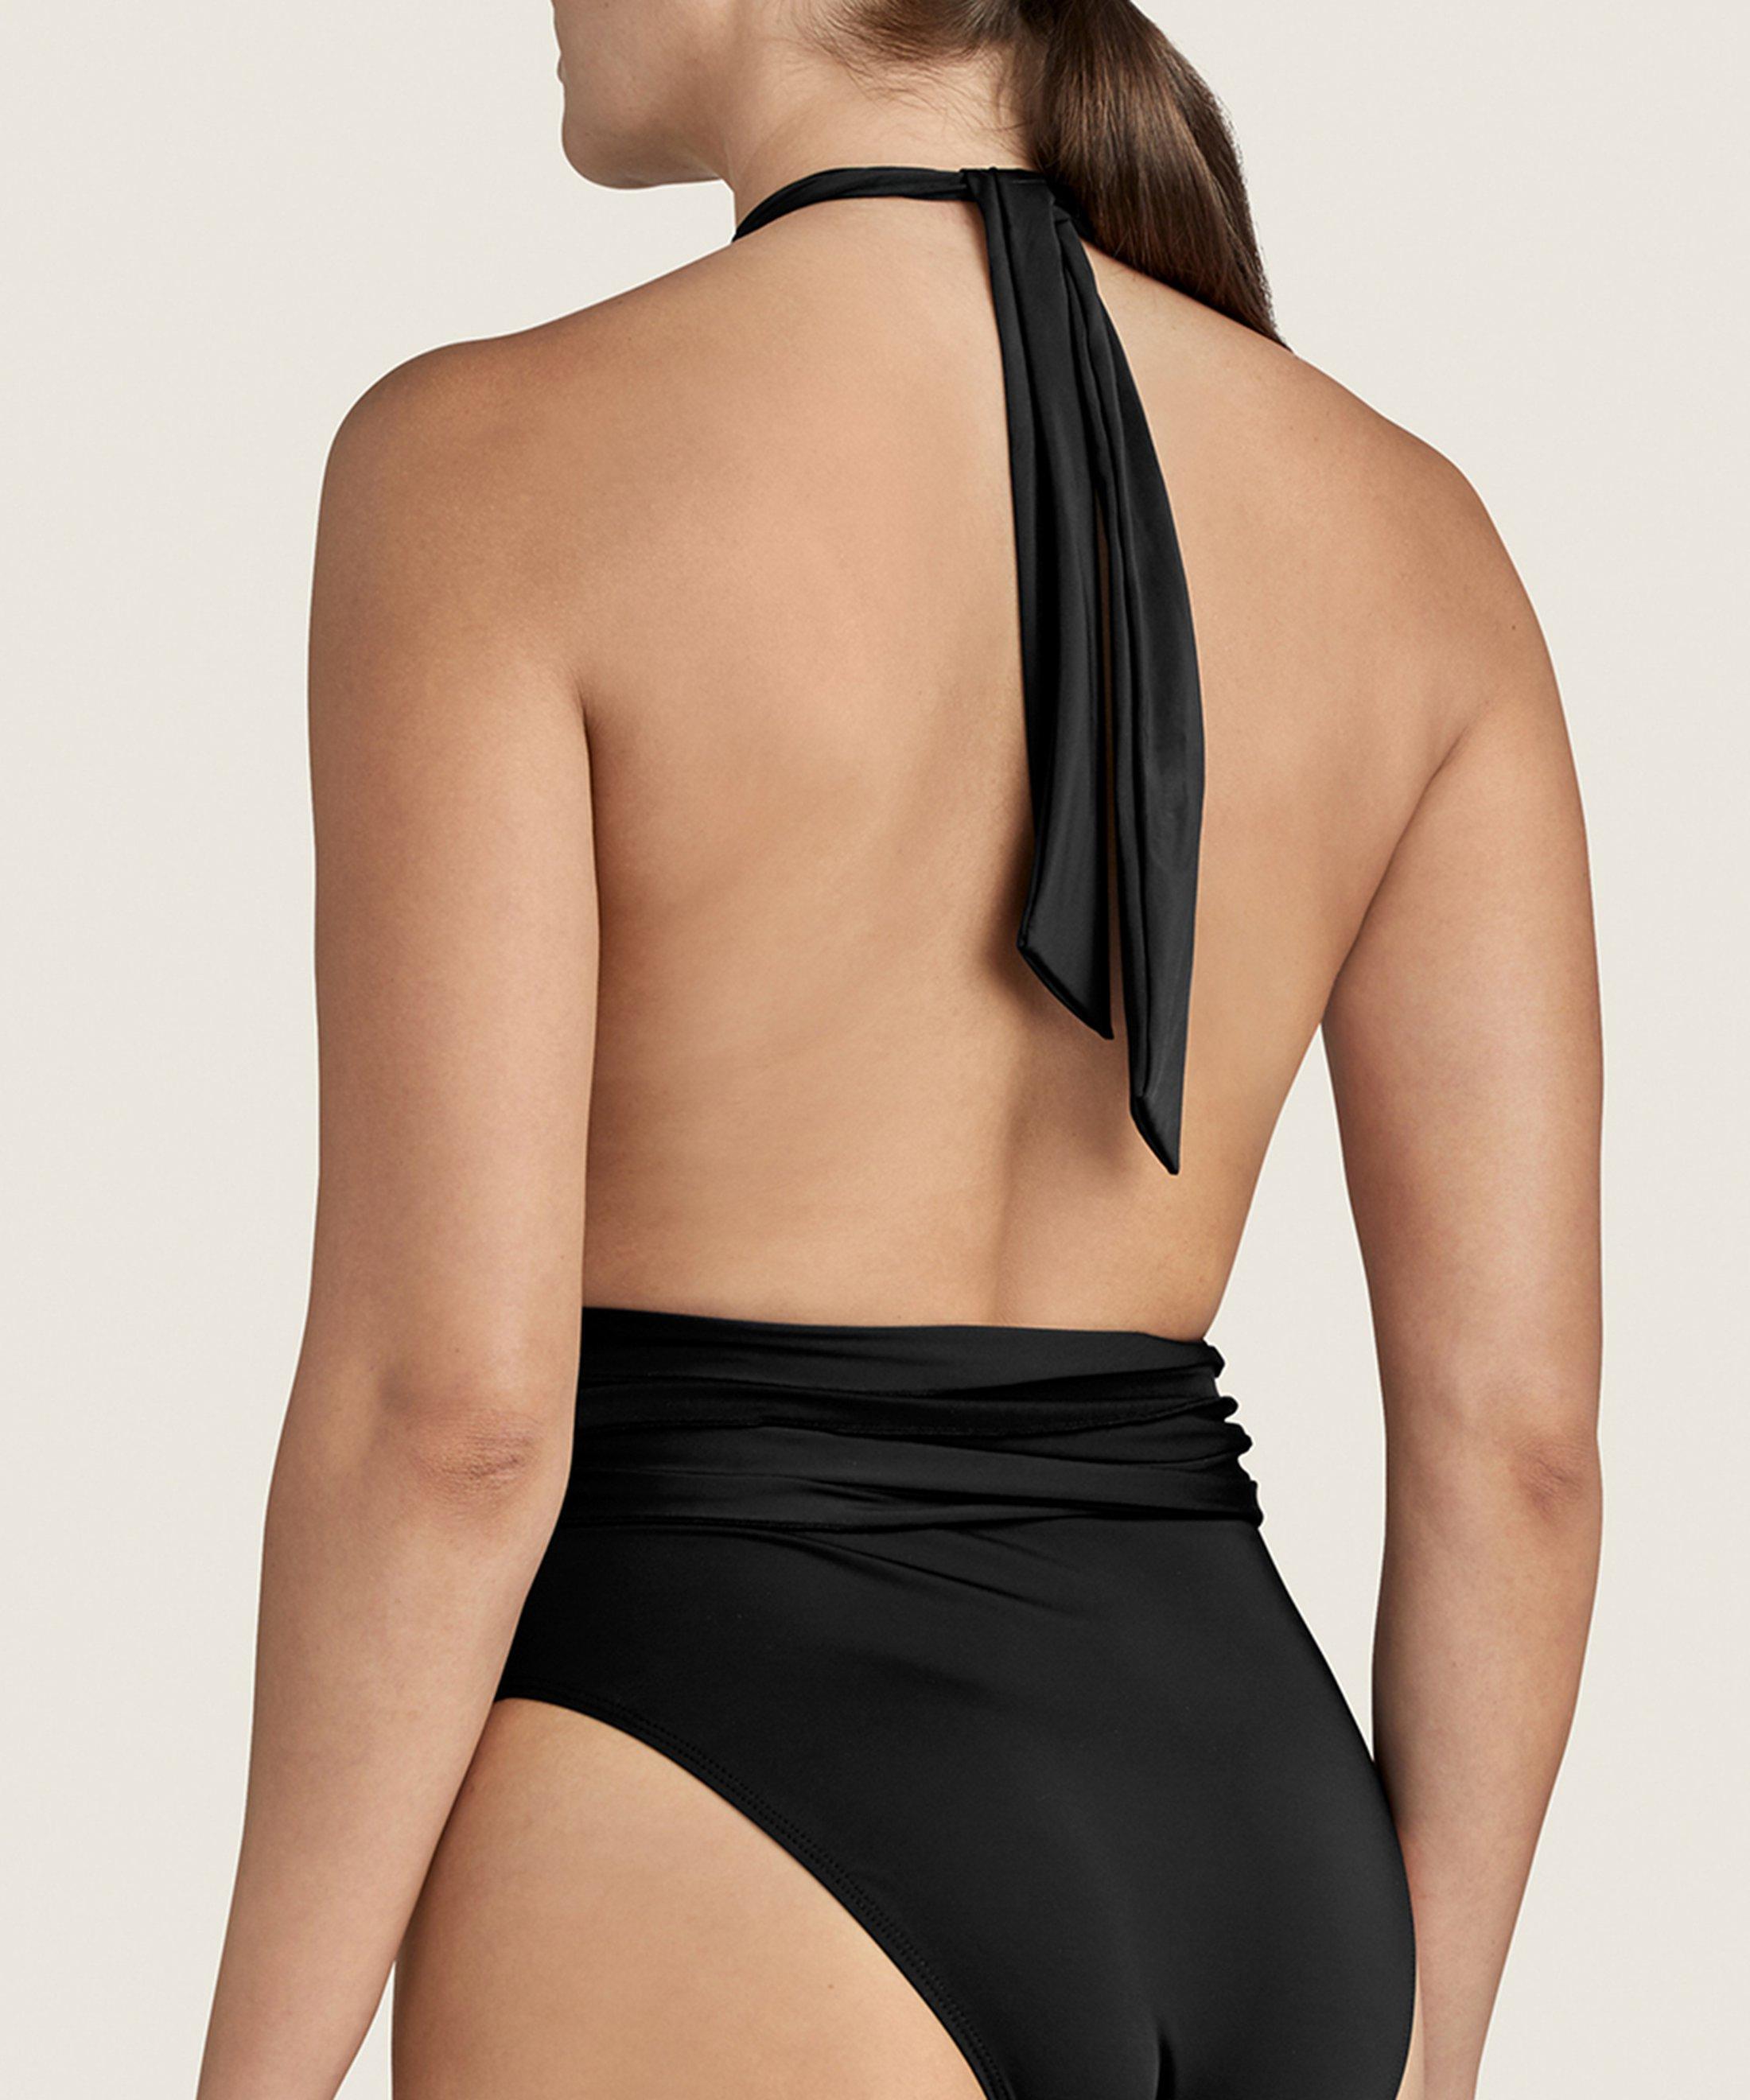 LA PLAGE ENSOLEILLÉE One-piece Swimsuit Black | Aubade